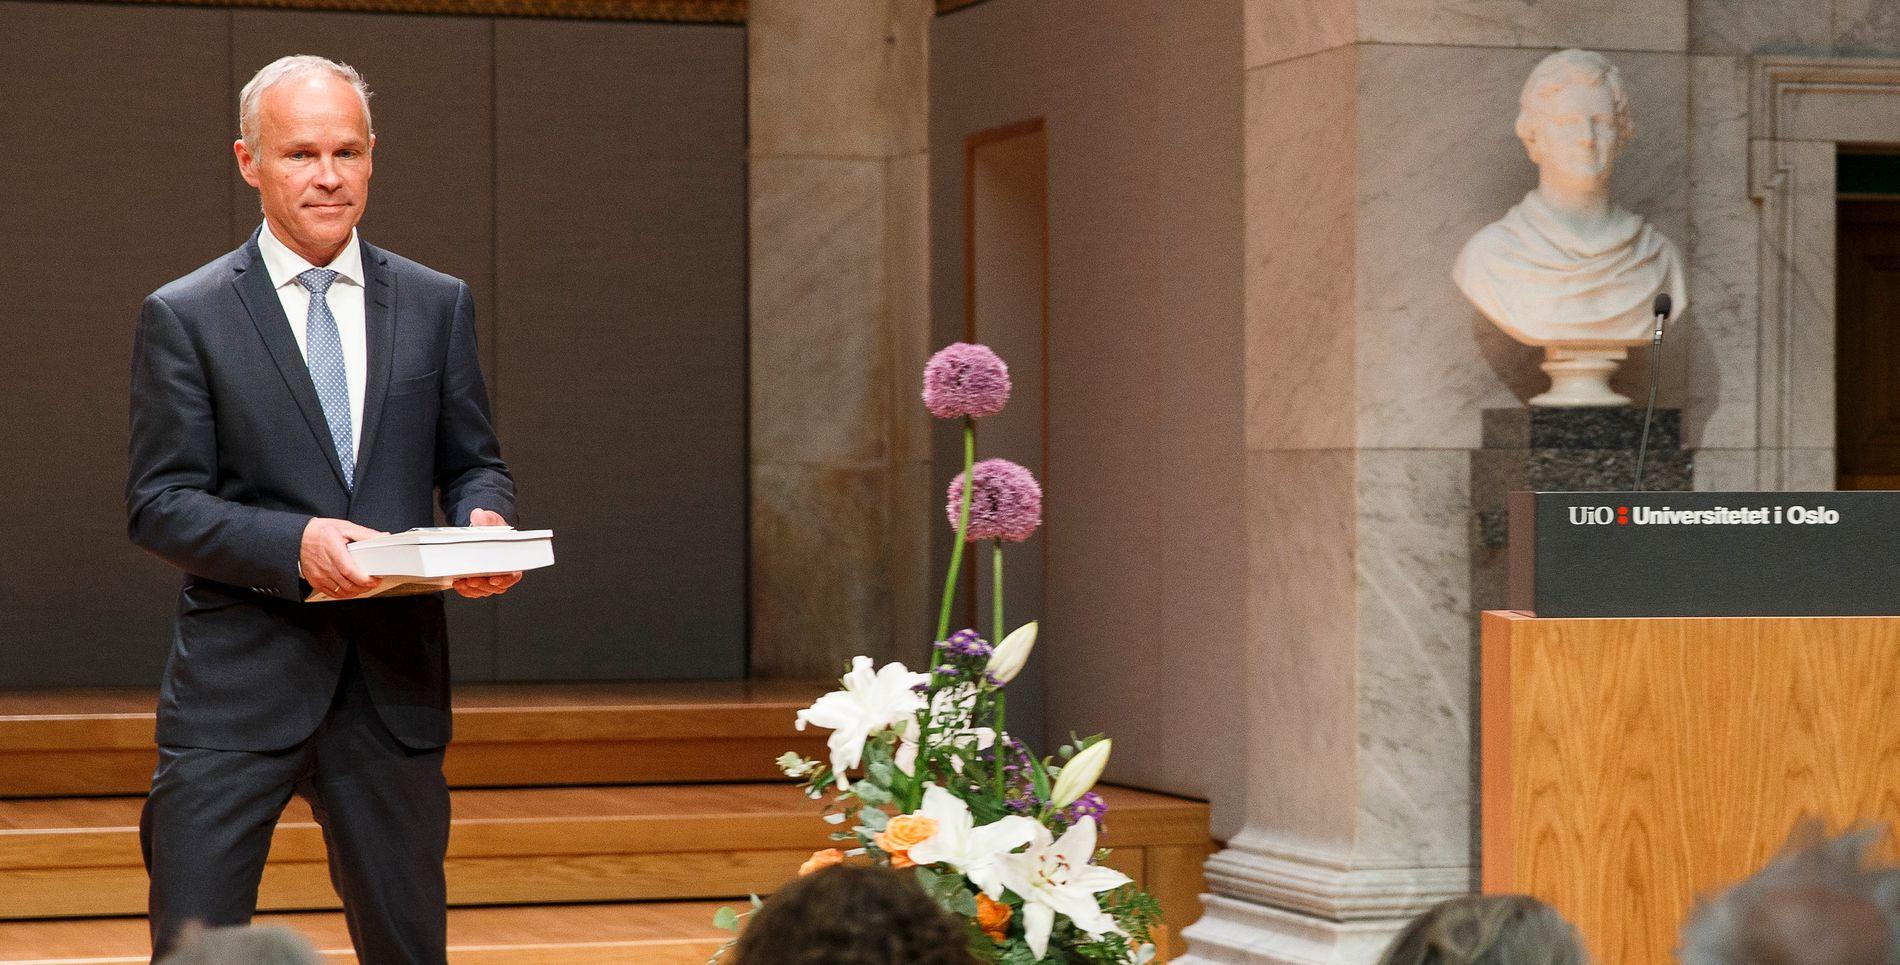 OVERGREP: Kommunalminister Jan Tore Sanner (H) beklaget på vegne av den norske stat da han i fjor sommer fikk overrakt Tater- og Romaniutvalgets rapport. Foreløpig har lite annet skjedd, mener innsenderne. ARKIVFOTO: HEIKO JUNGE / NTB SCANPIX